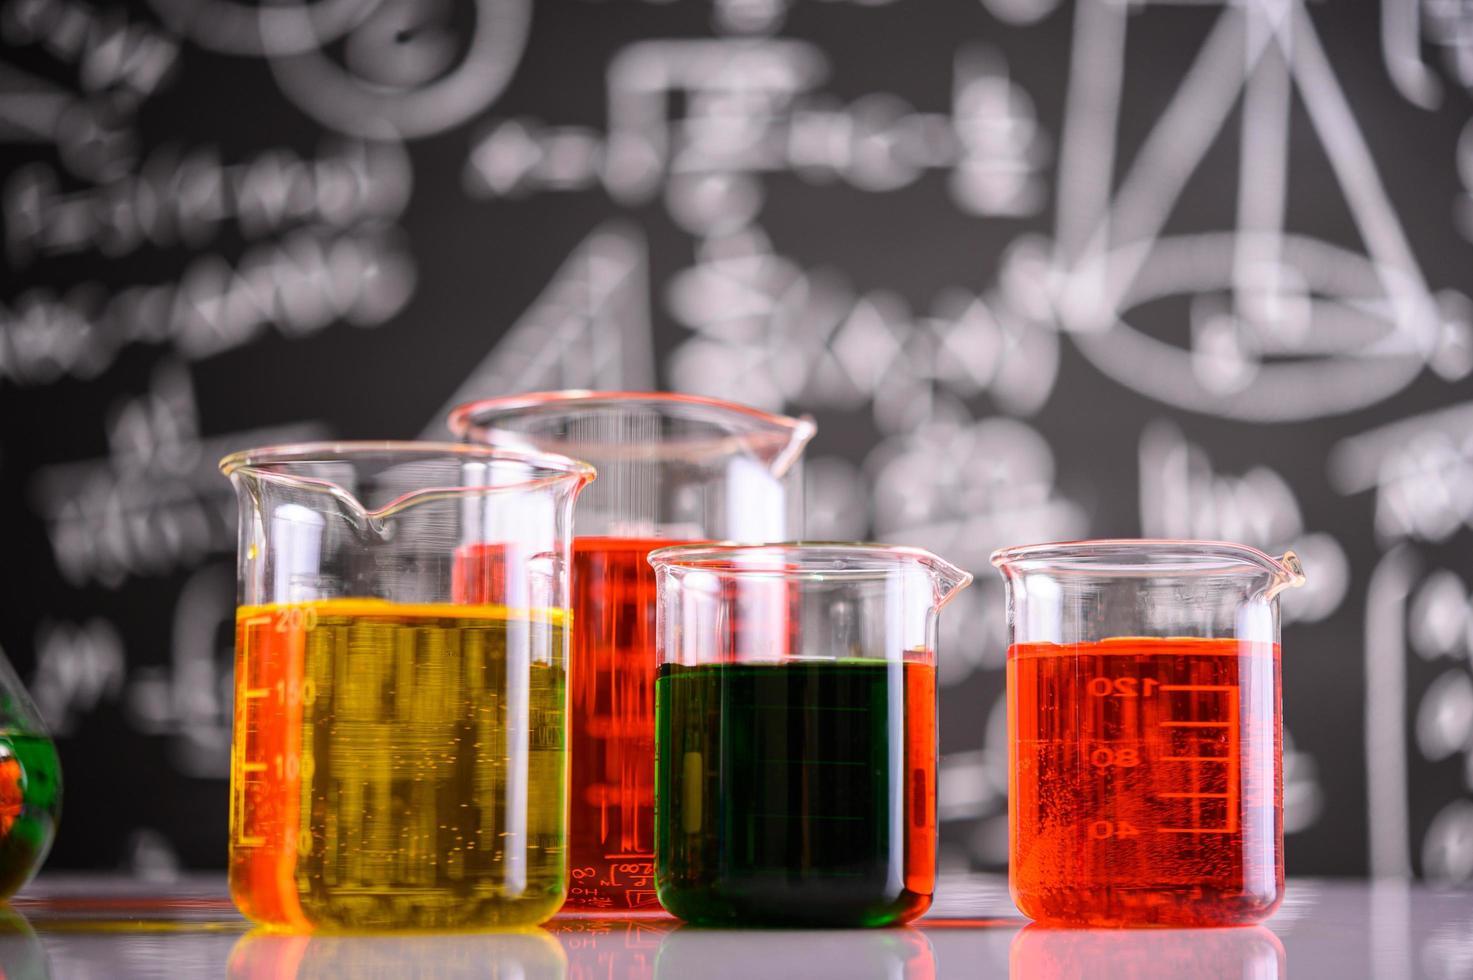 laboratoriumglaswerk met verschillende chemische kleuren foto